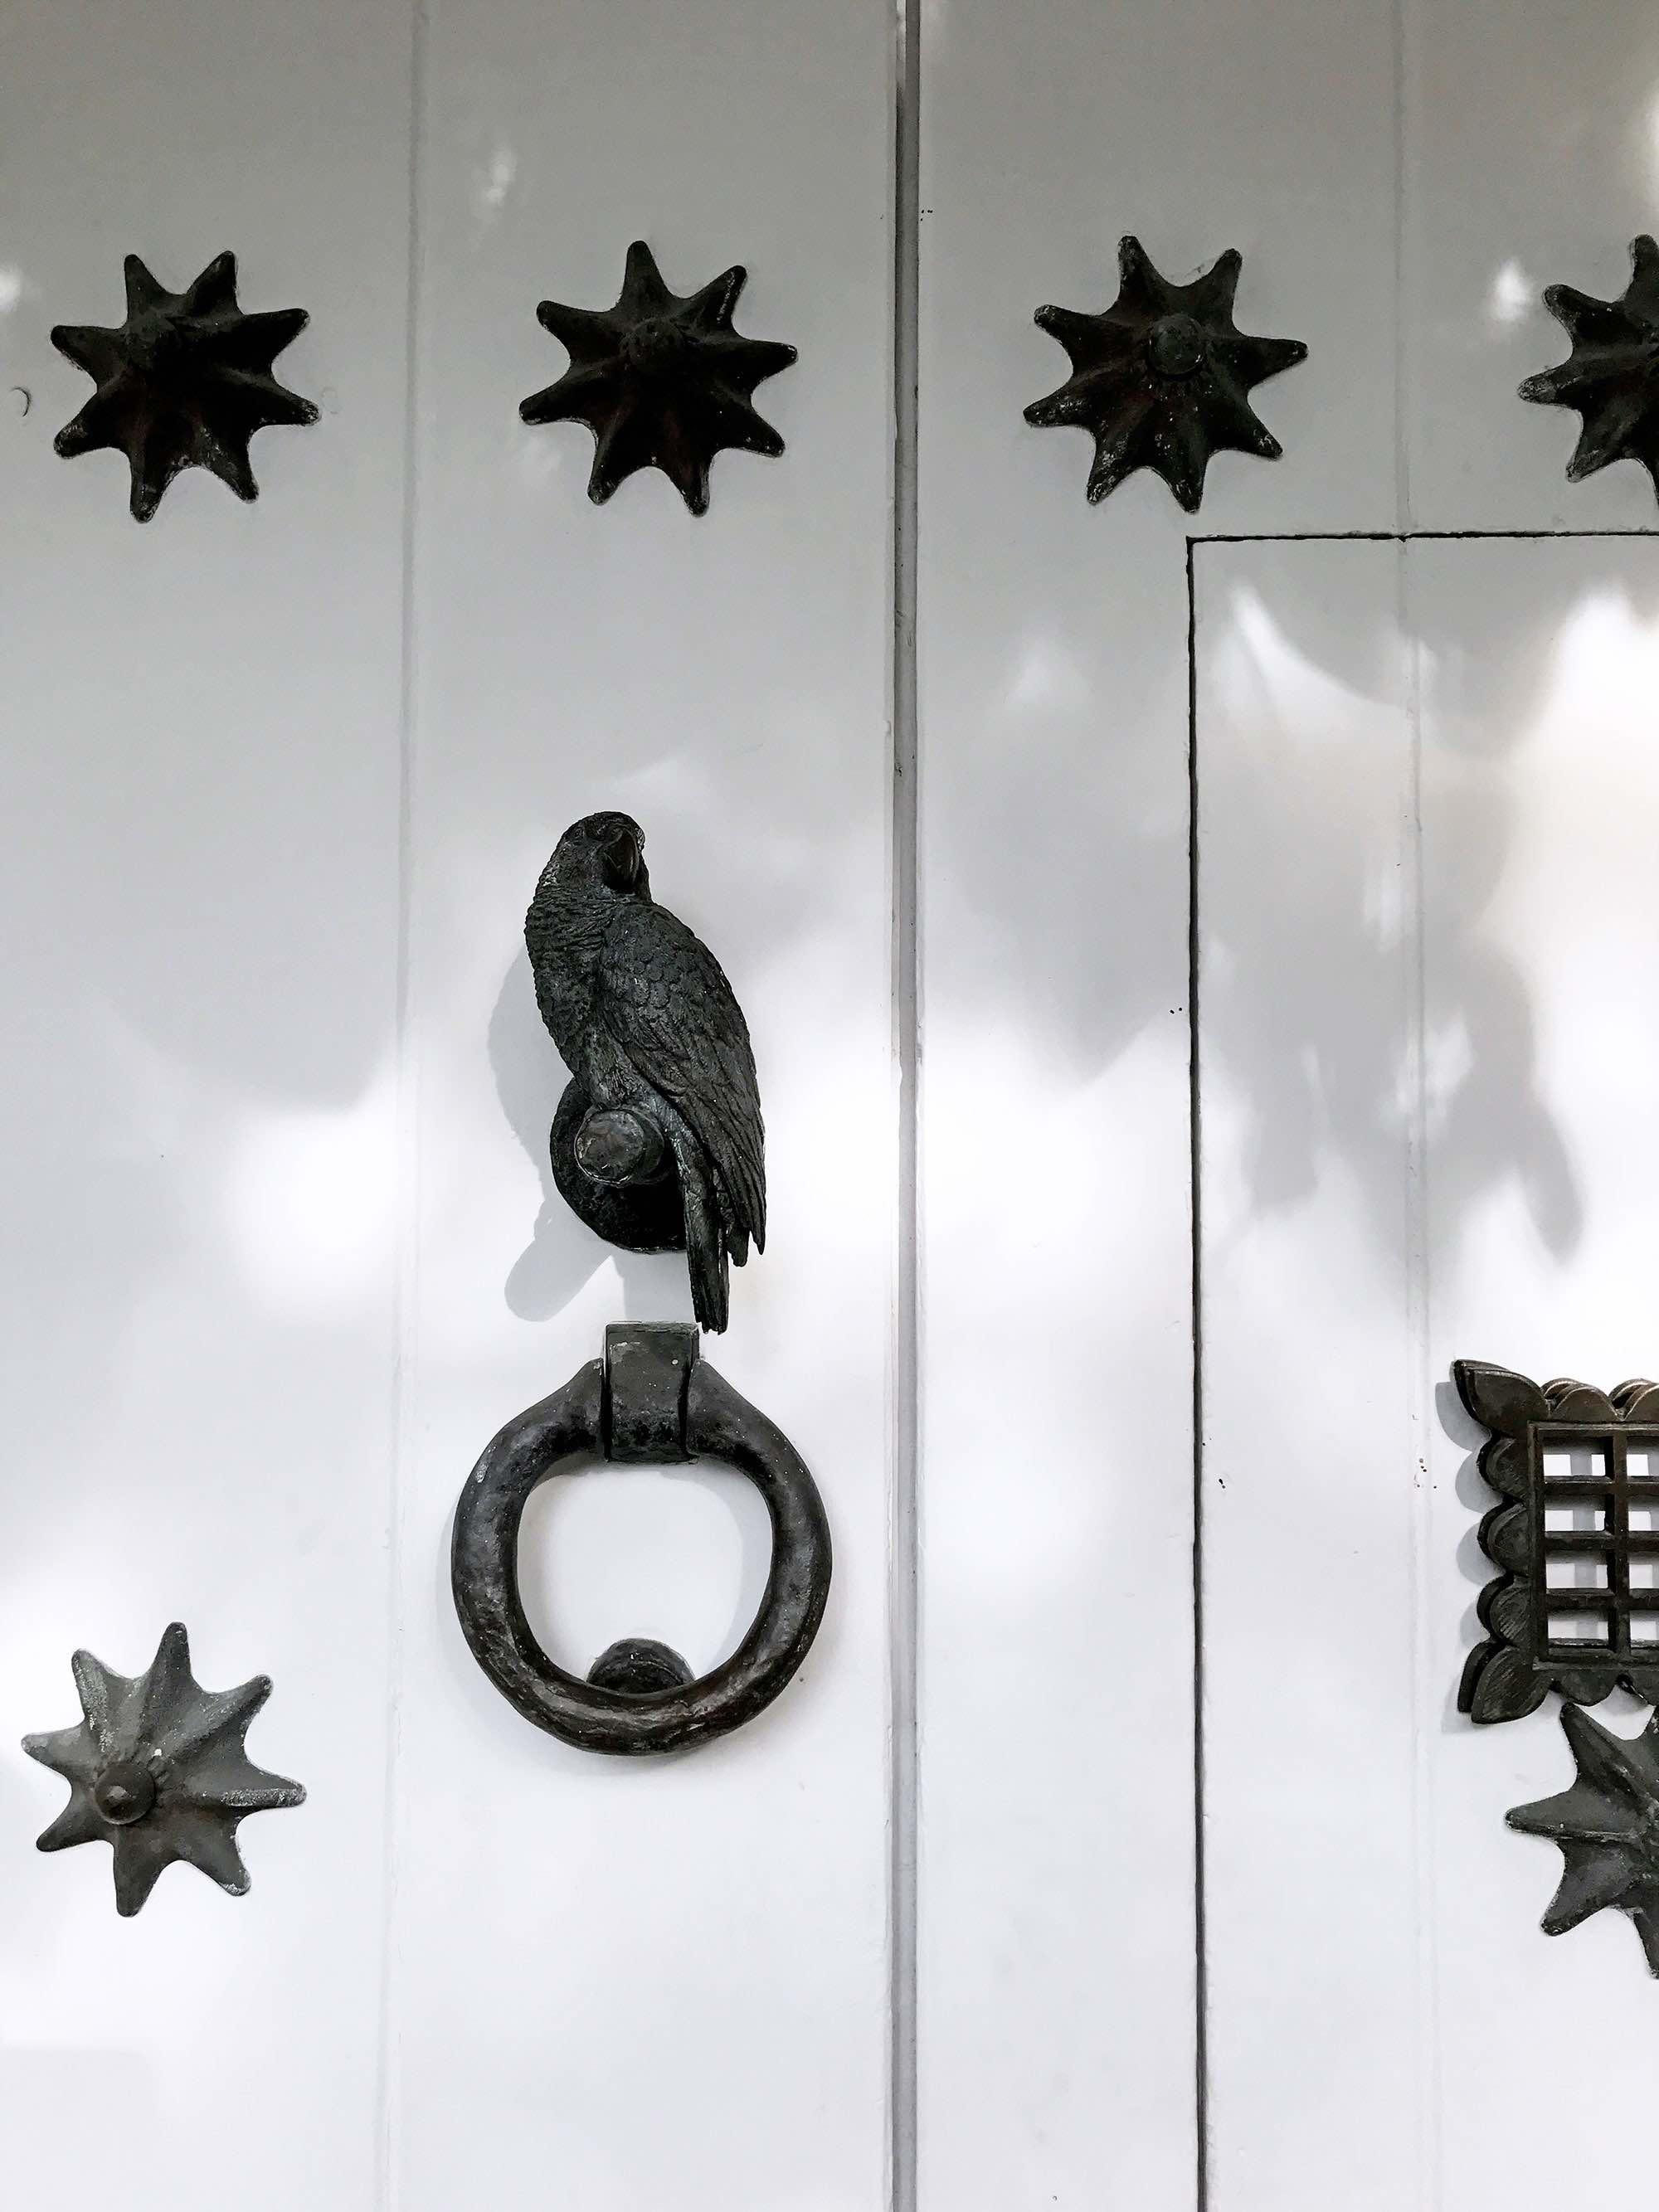 bird door knocker in Cartagena, Colombia  | pictures of Cartagena, Colombia